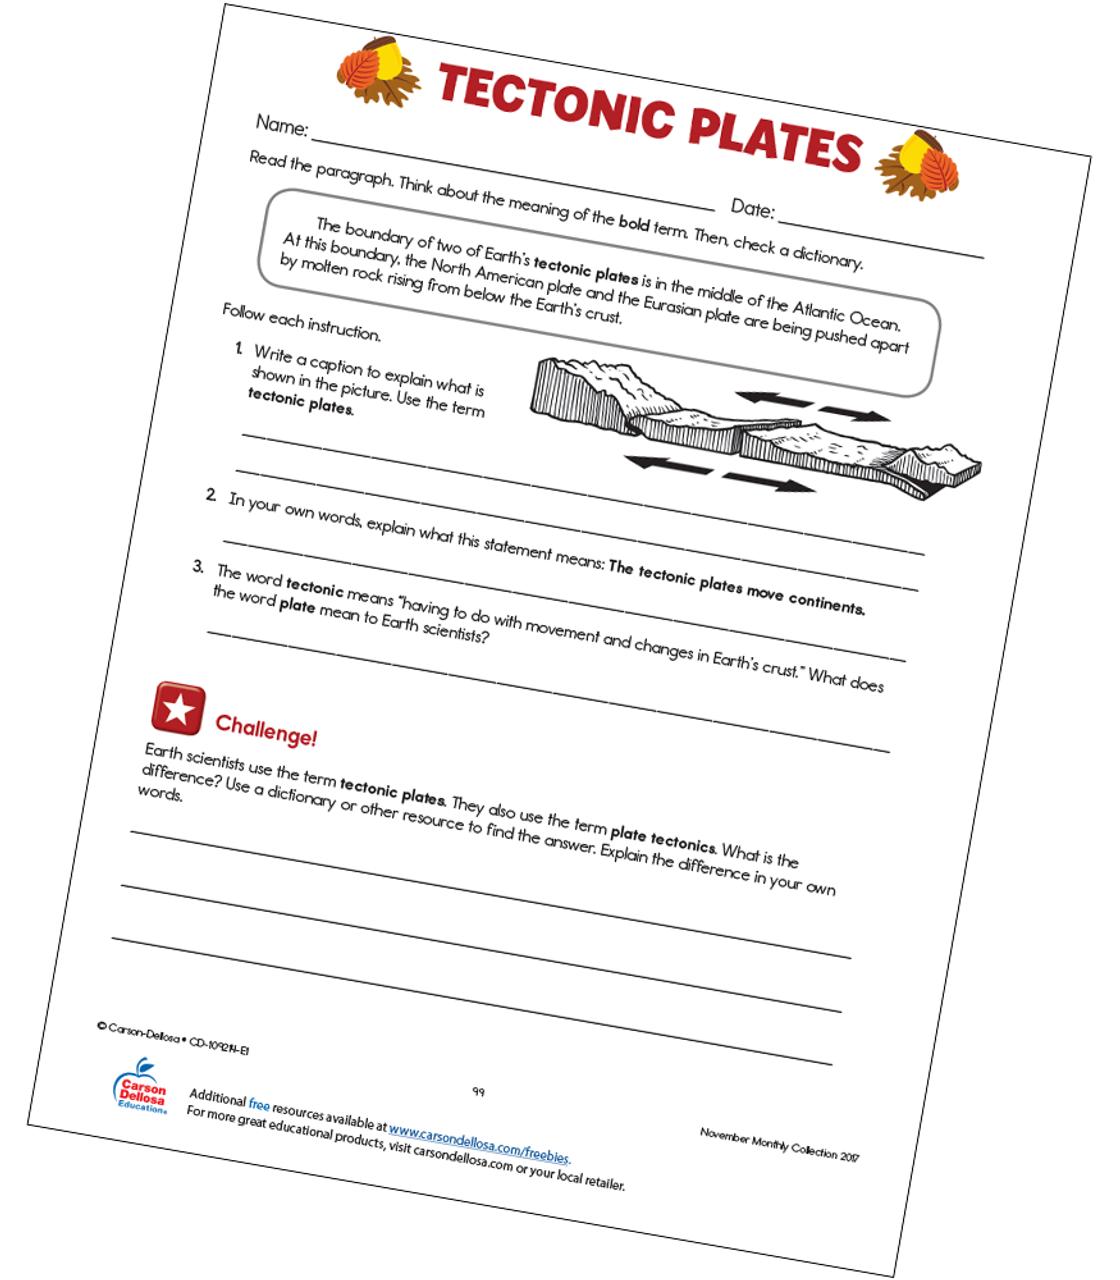 photo relating to Printable Plates identify Tectonic Plates Totally free Printable Carson Dellosa